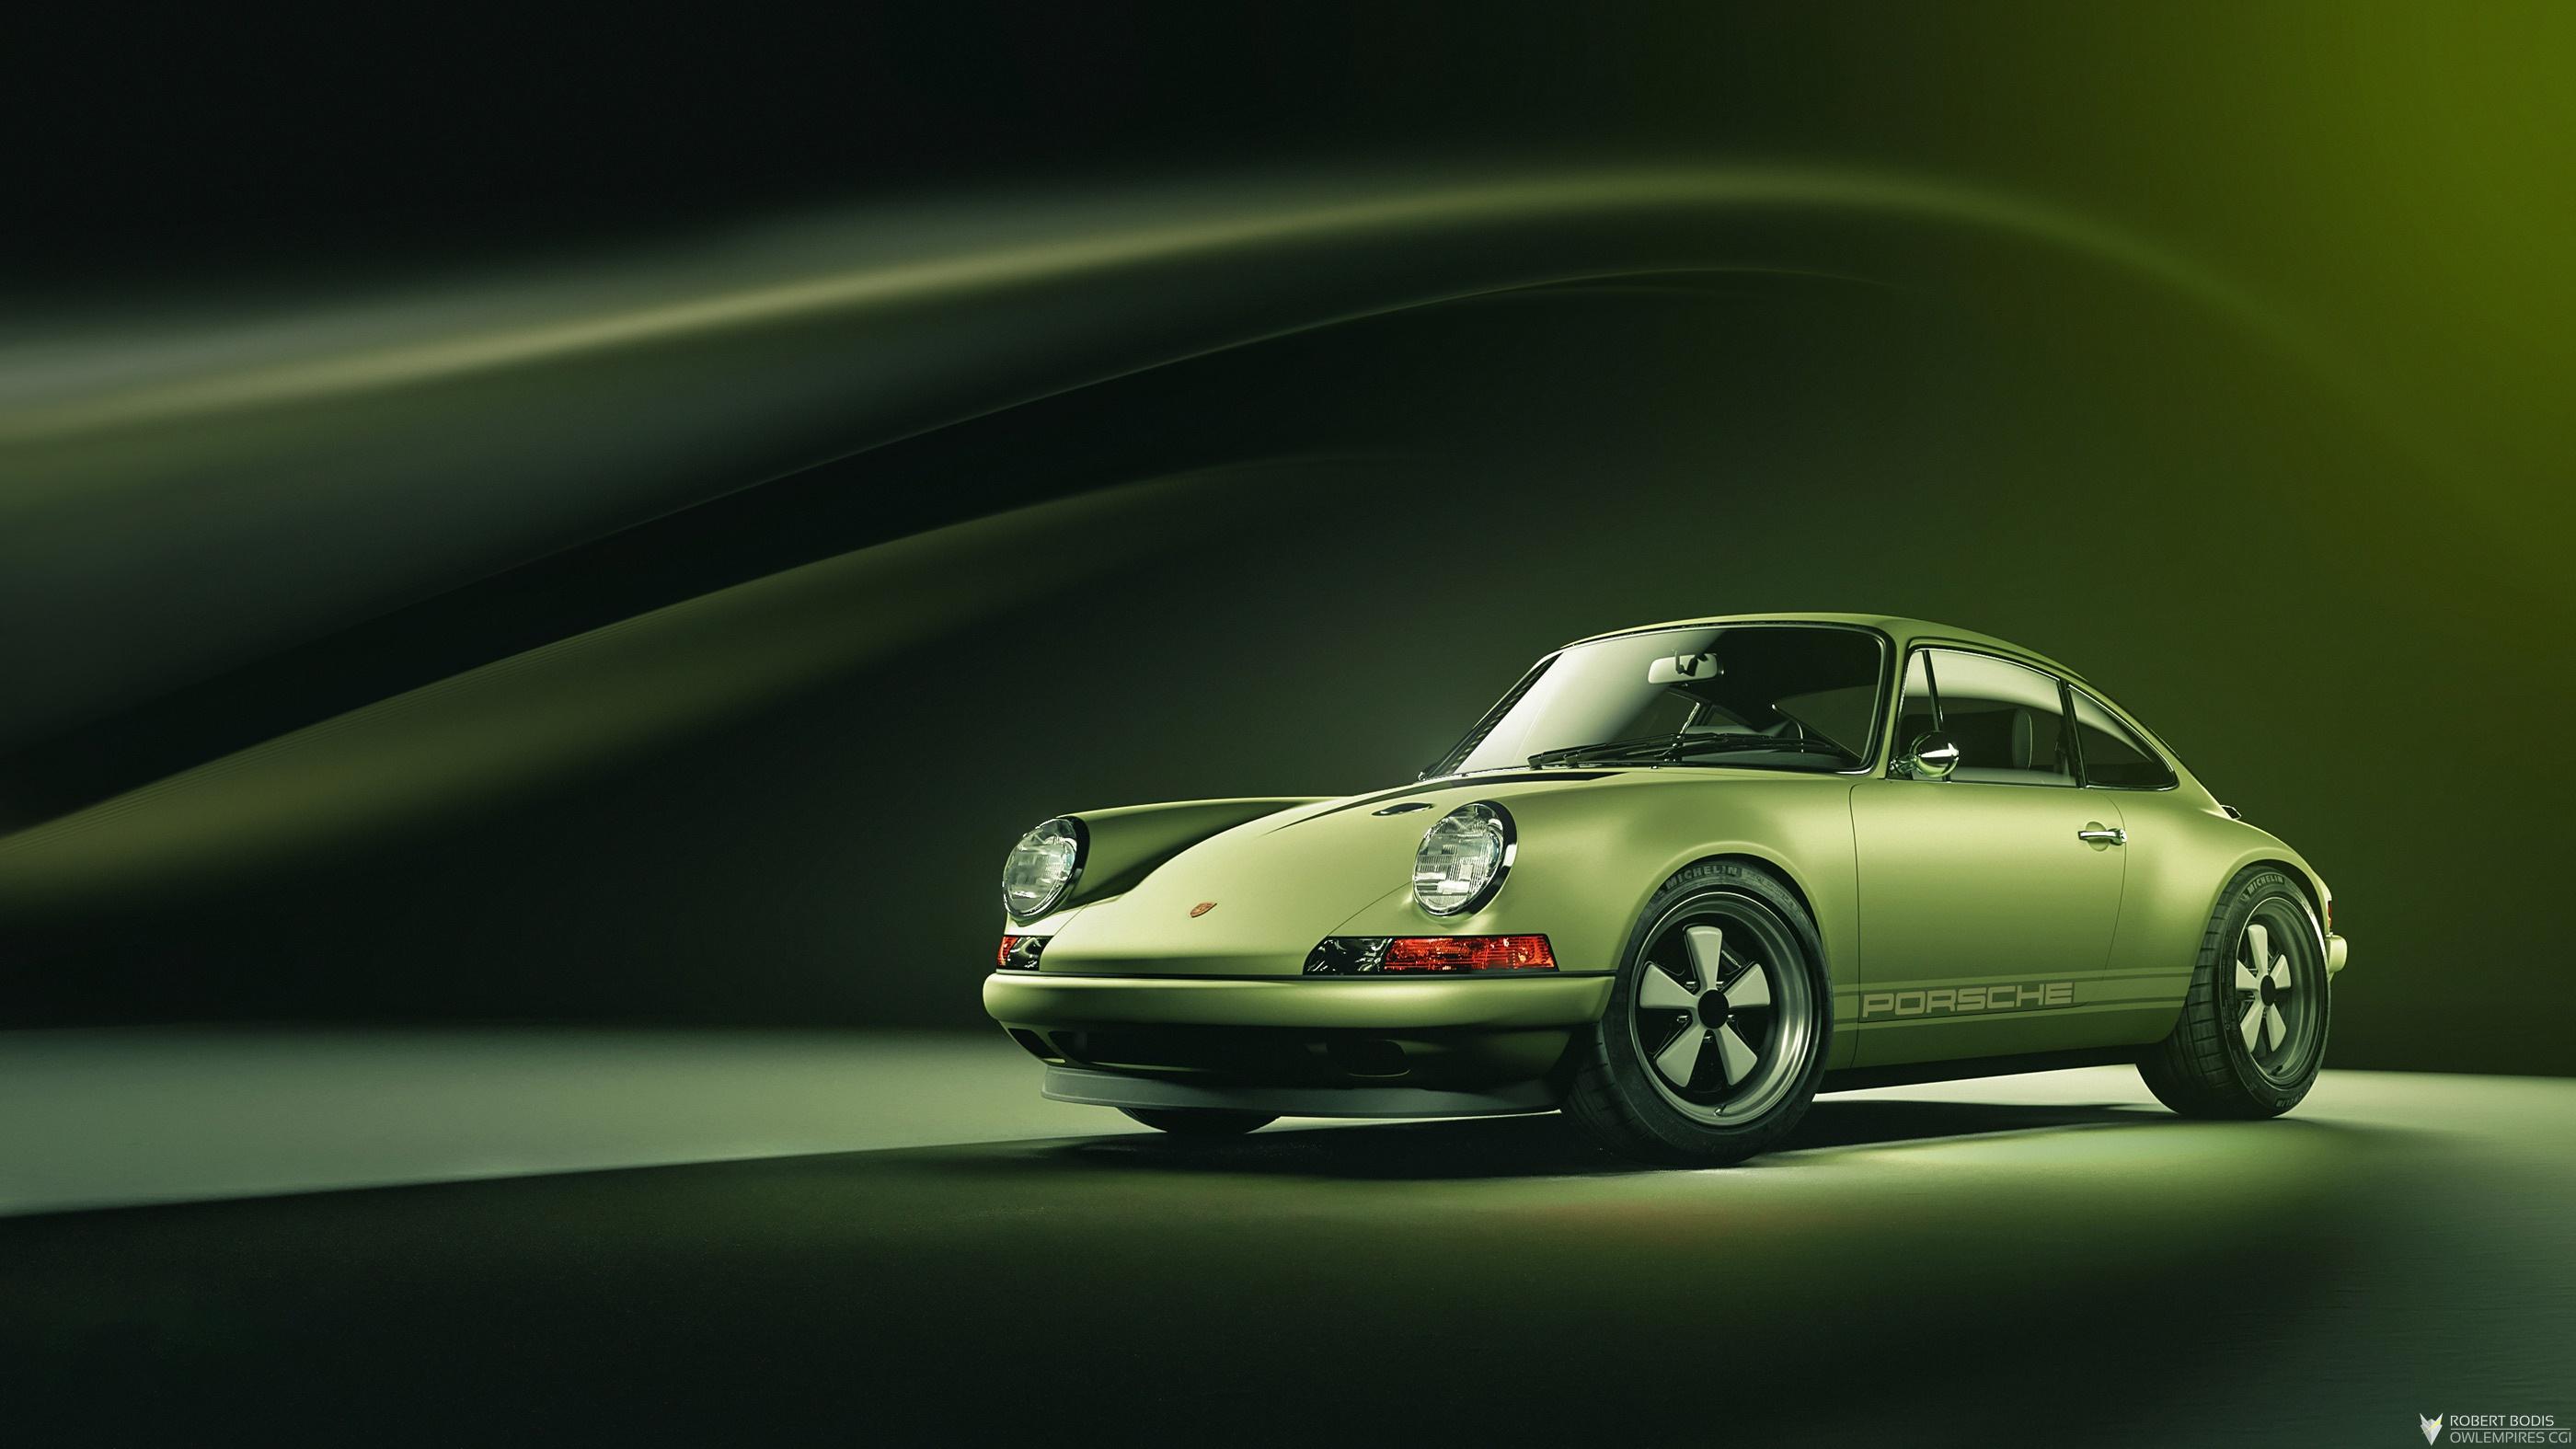 Wallpaper Green Cars Vehicle Porsche 911 Car 2800x1575